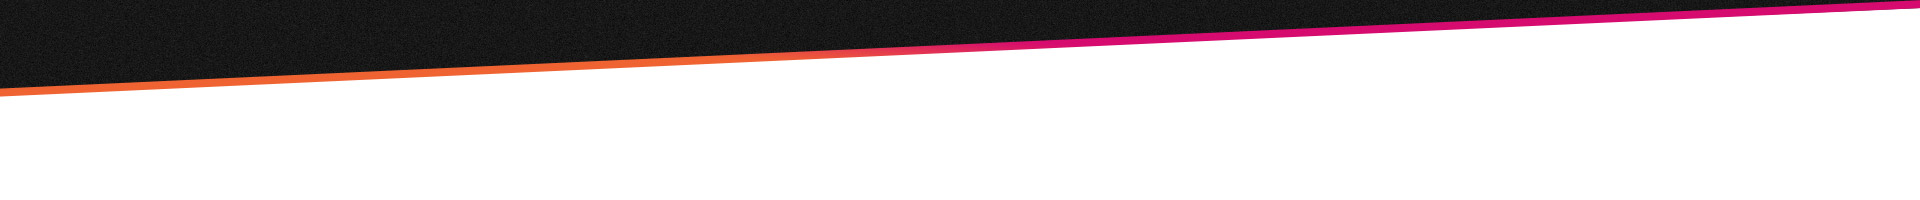 주황색에서 분홍색으로 그라데이션이 이어지는 선으로 장식한 검은 바